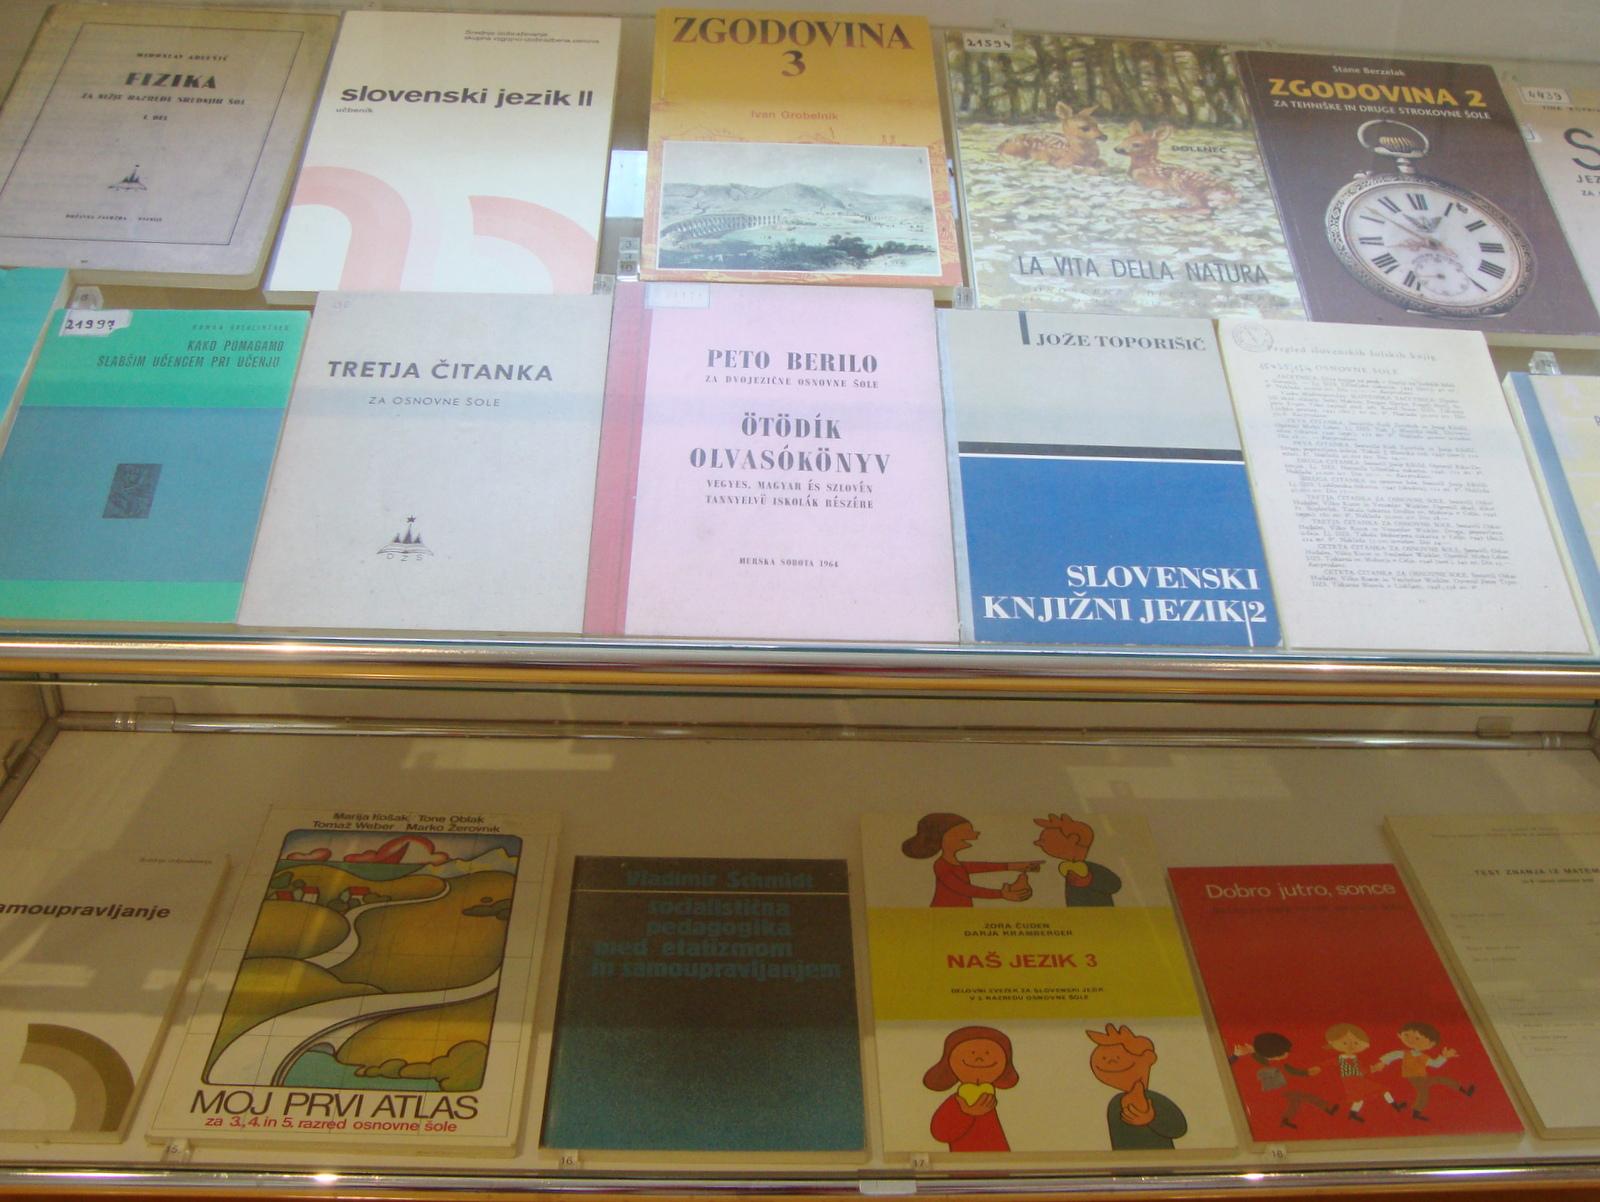 Šolski muzej učbeniki nekoč